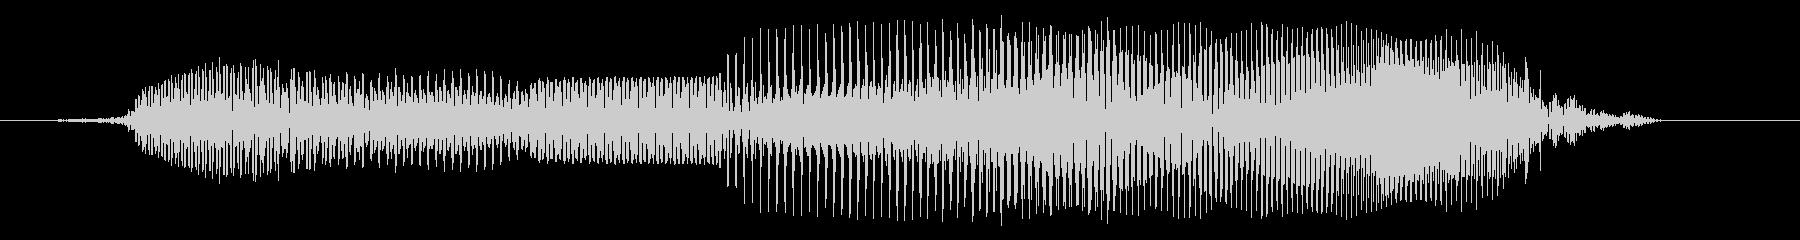 うまい!1【ロリキャラの褒めボイス】の未再生の波形